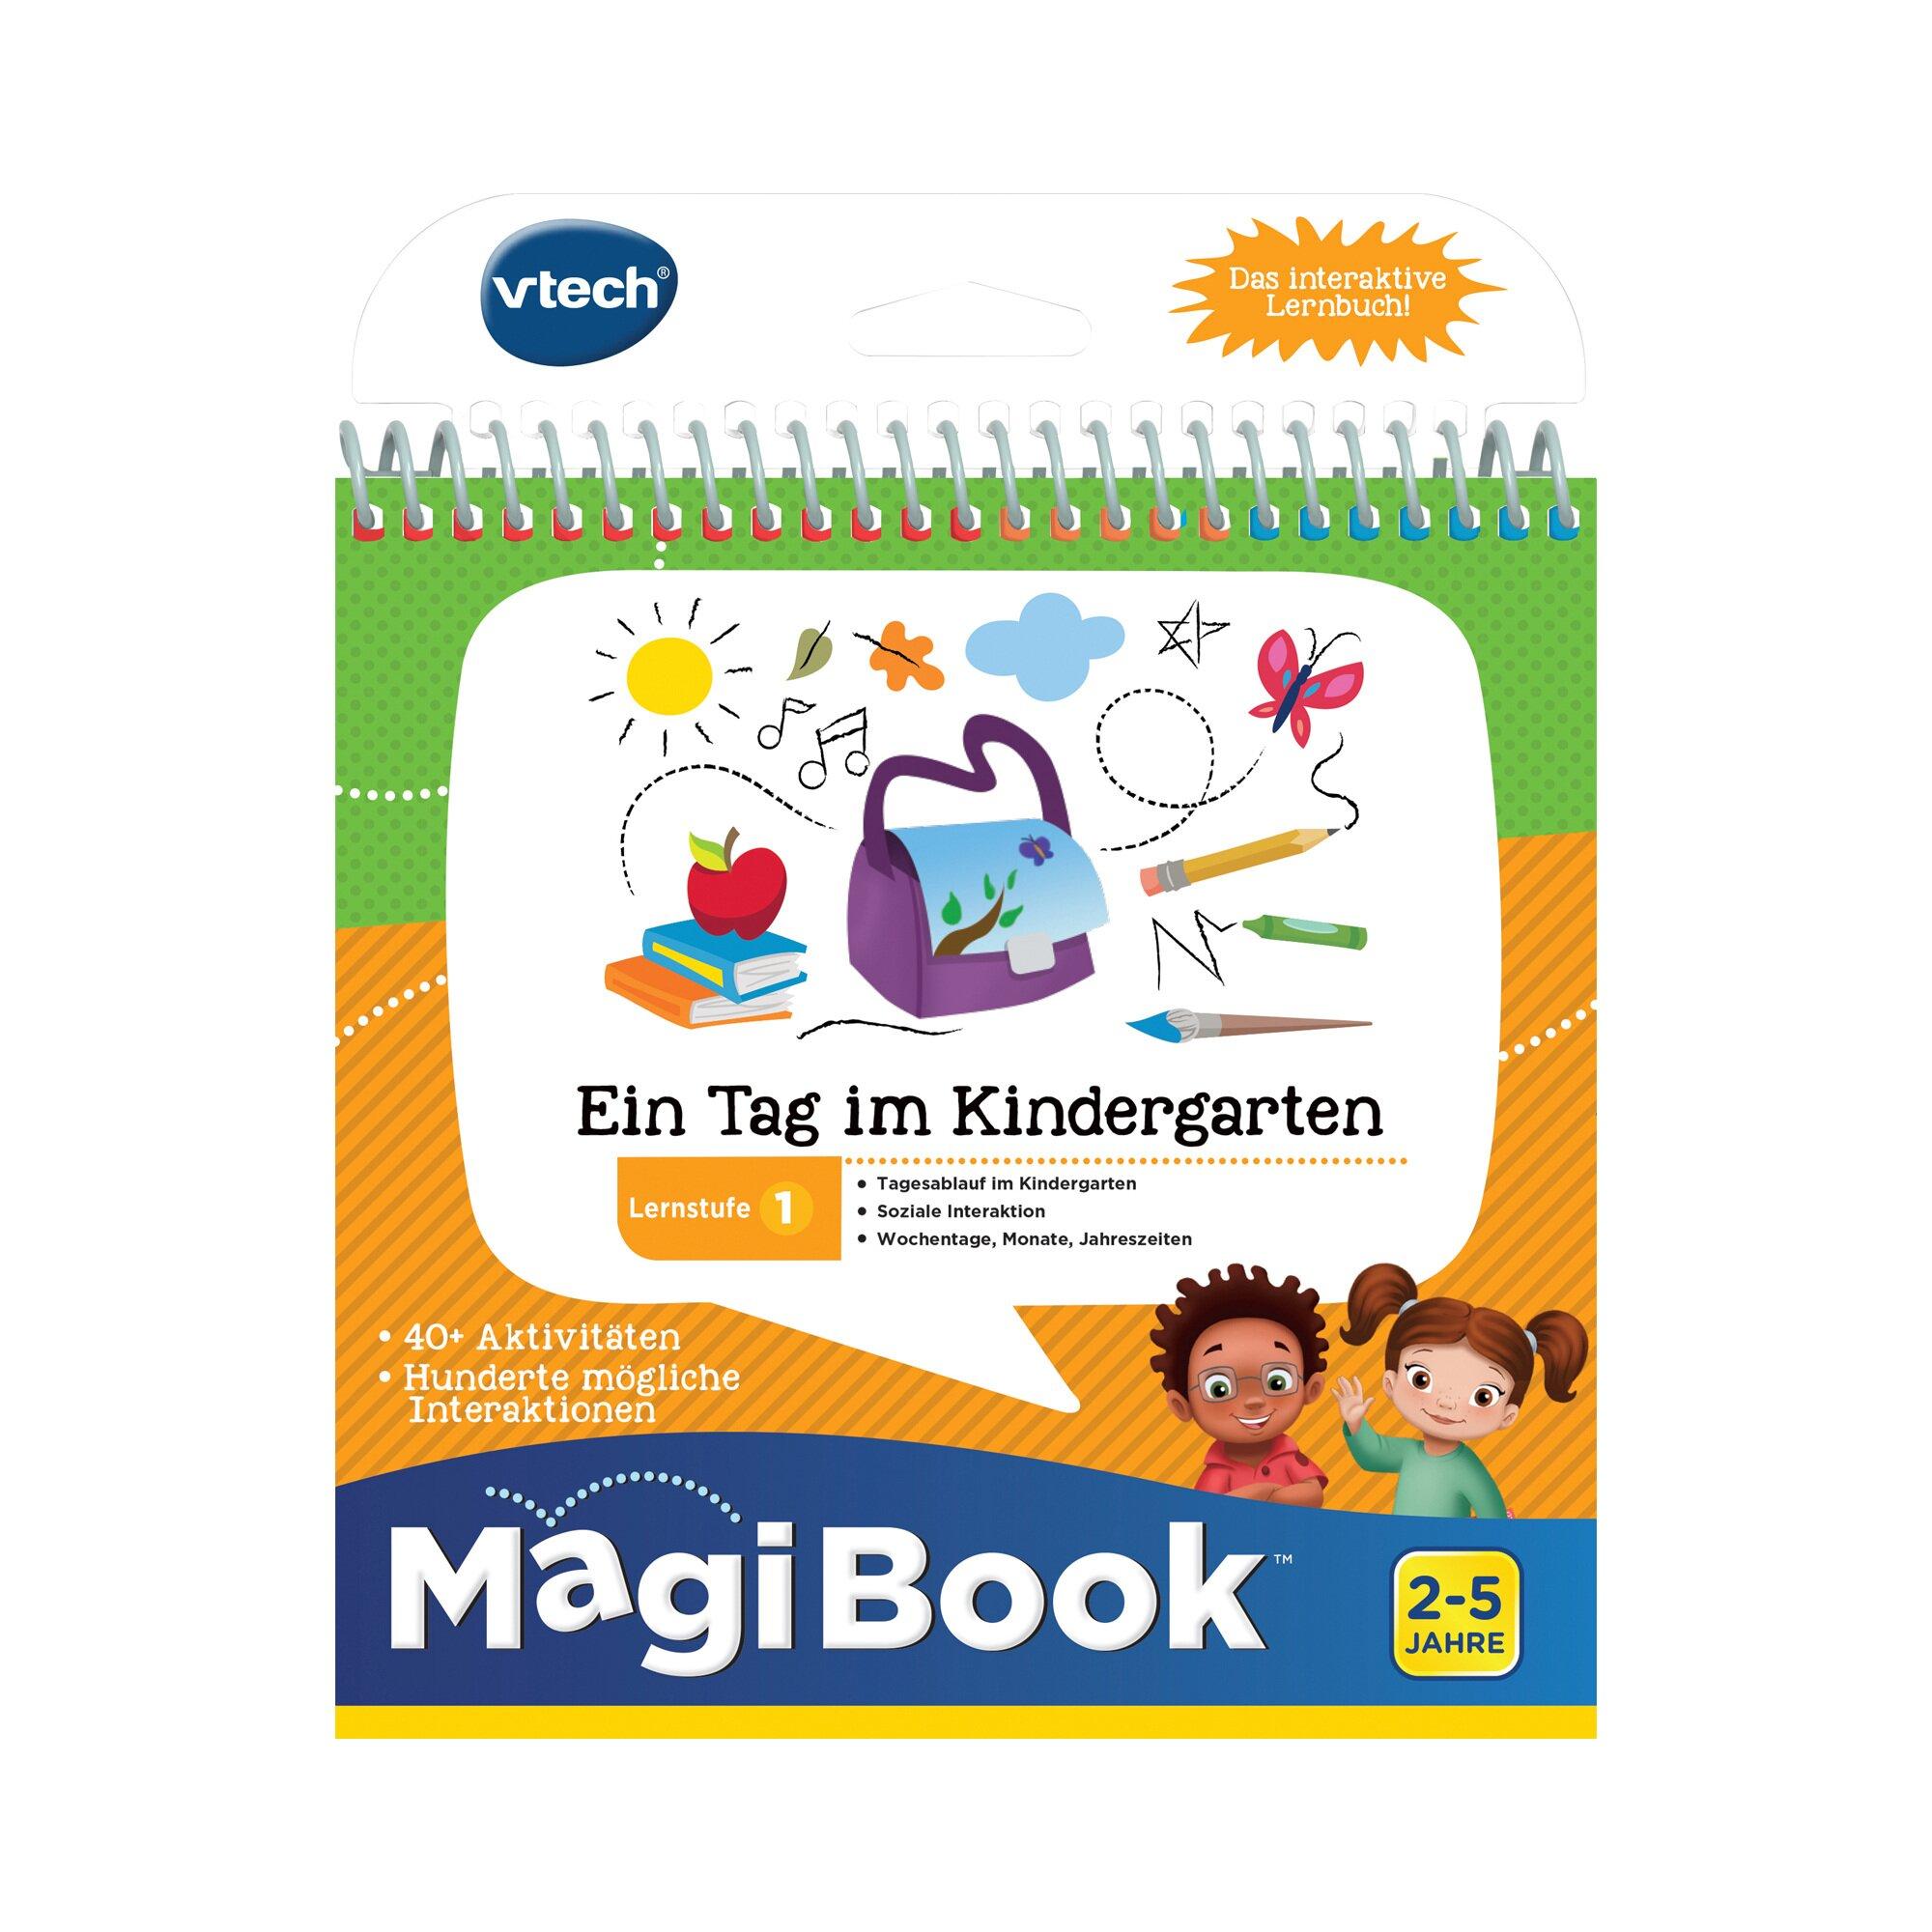 magibook-lernspielbuch-lernstufe-1-ein-tag-im-kindergarten